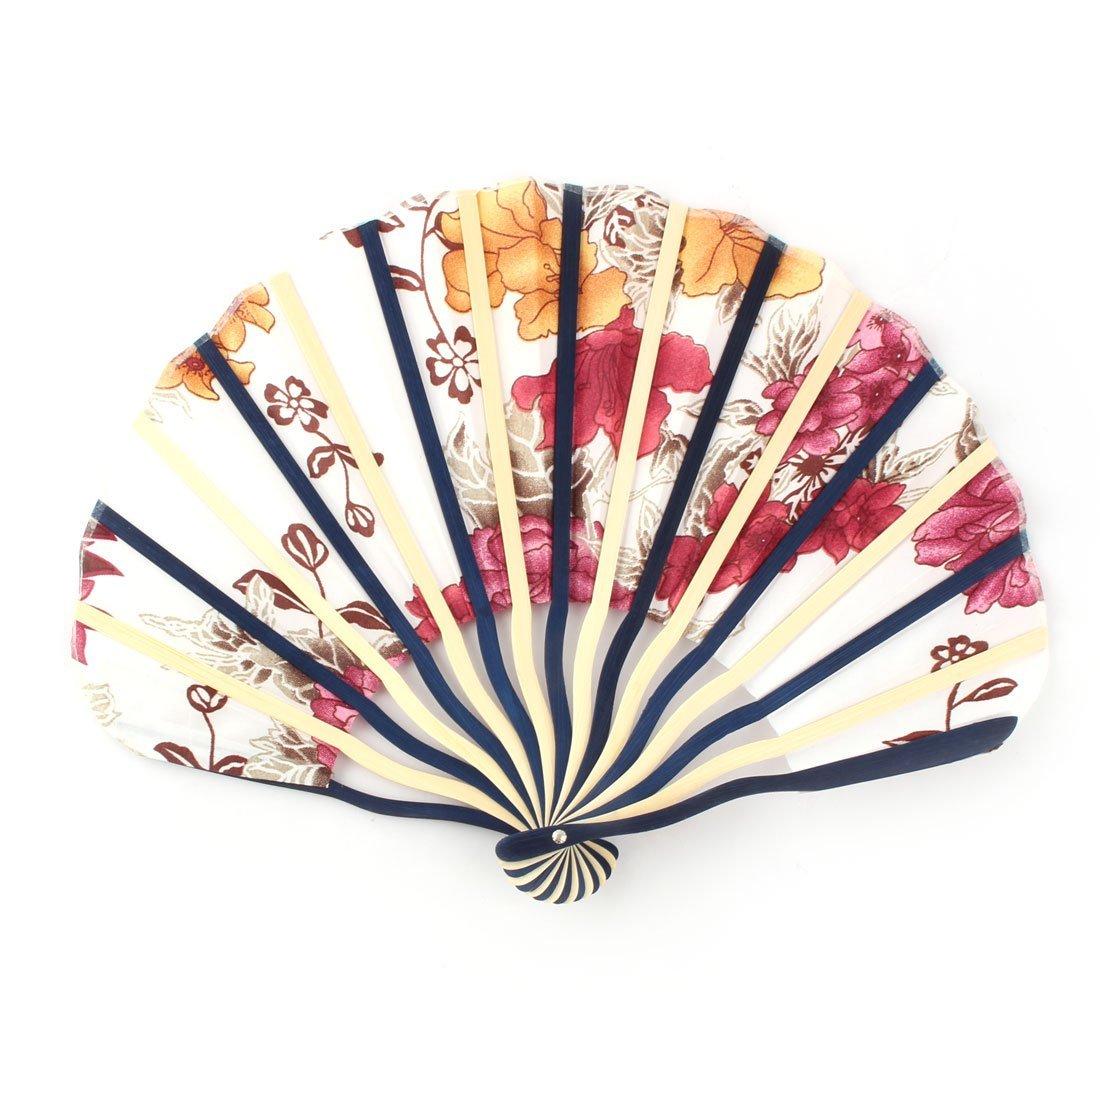 Amazon.com: eDealMax Marco Impresa Flor de bambú Señora Concha en Forma de Mano de Verano plegable ventilador de refrigeración: Home & Kitchen